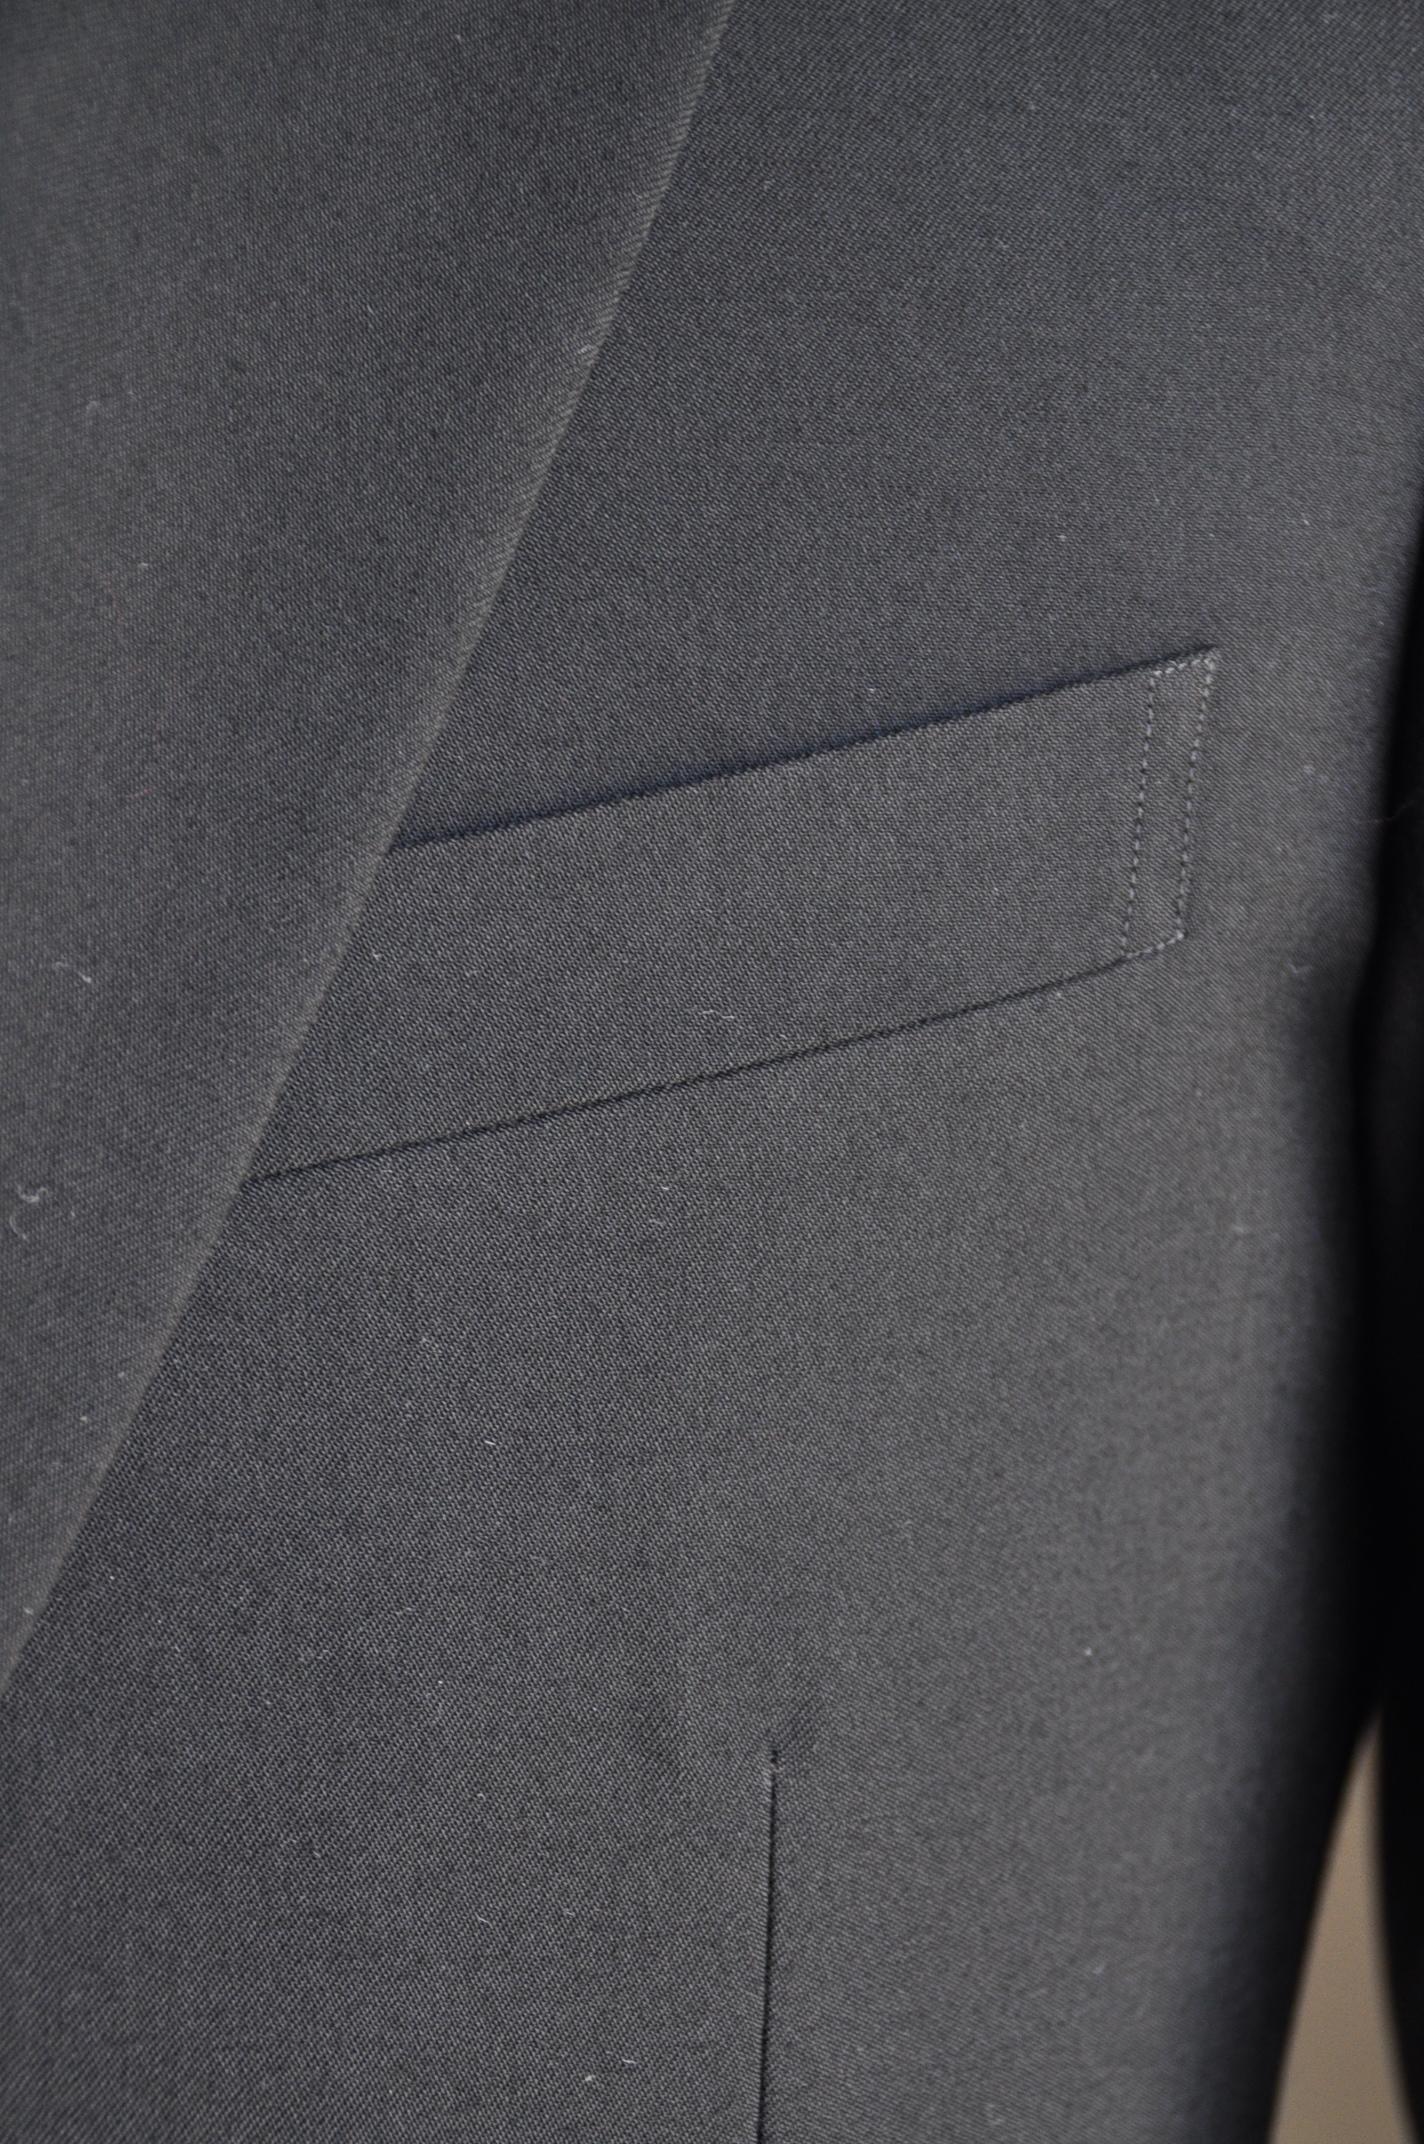 DSC03411 オーダースーツ-礼服-